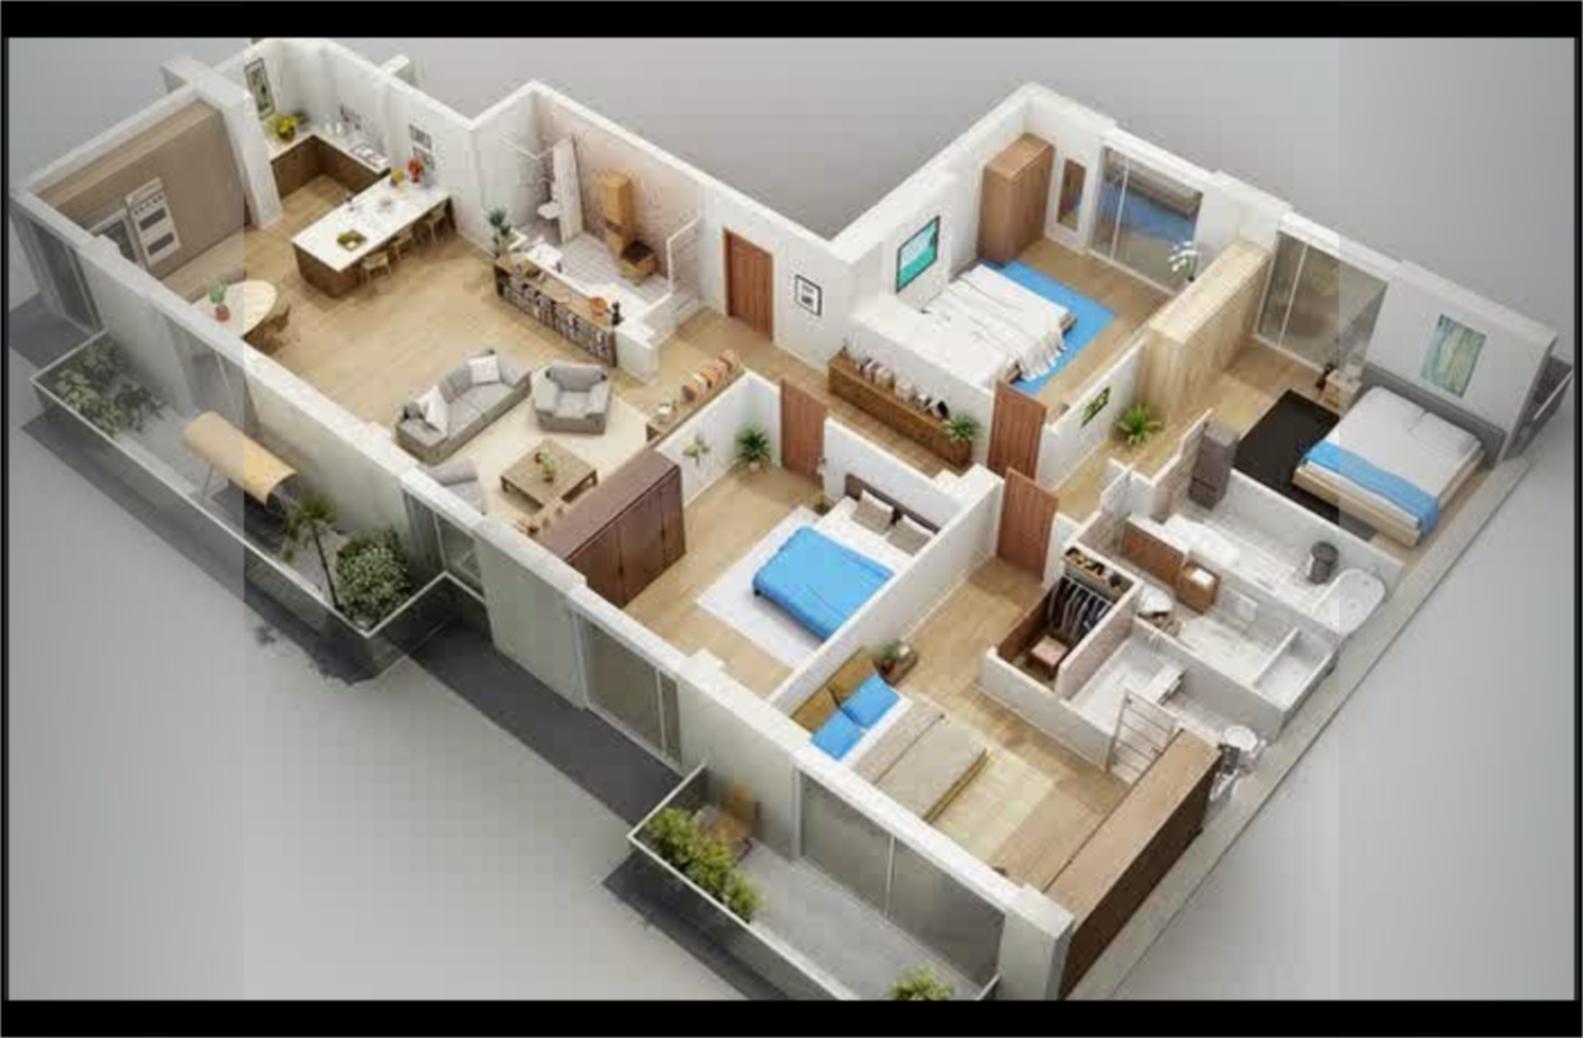 62 Desain Rumah Minimalis Leter L